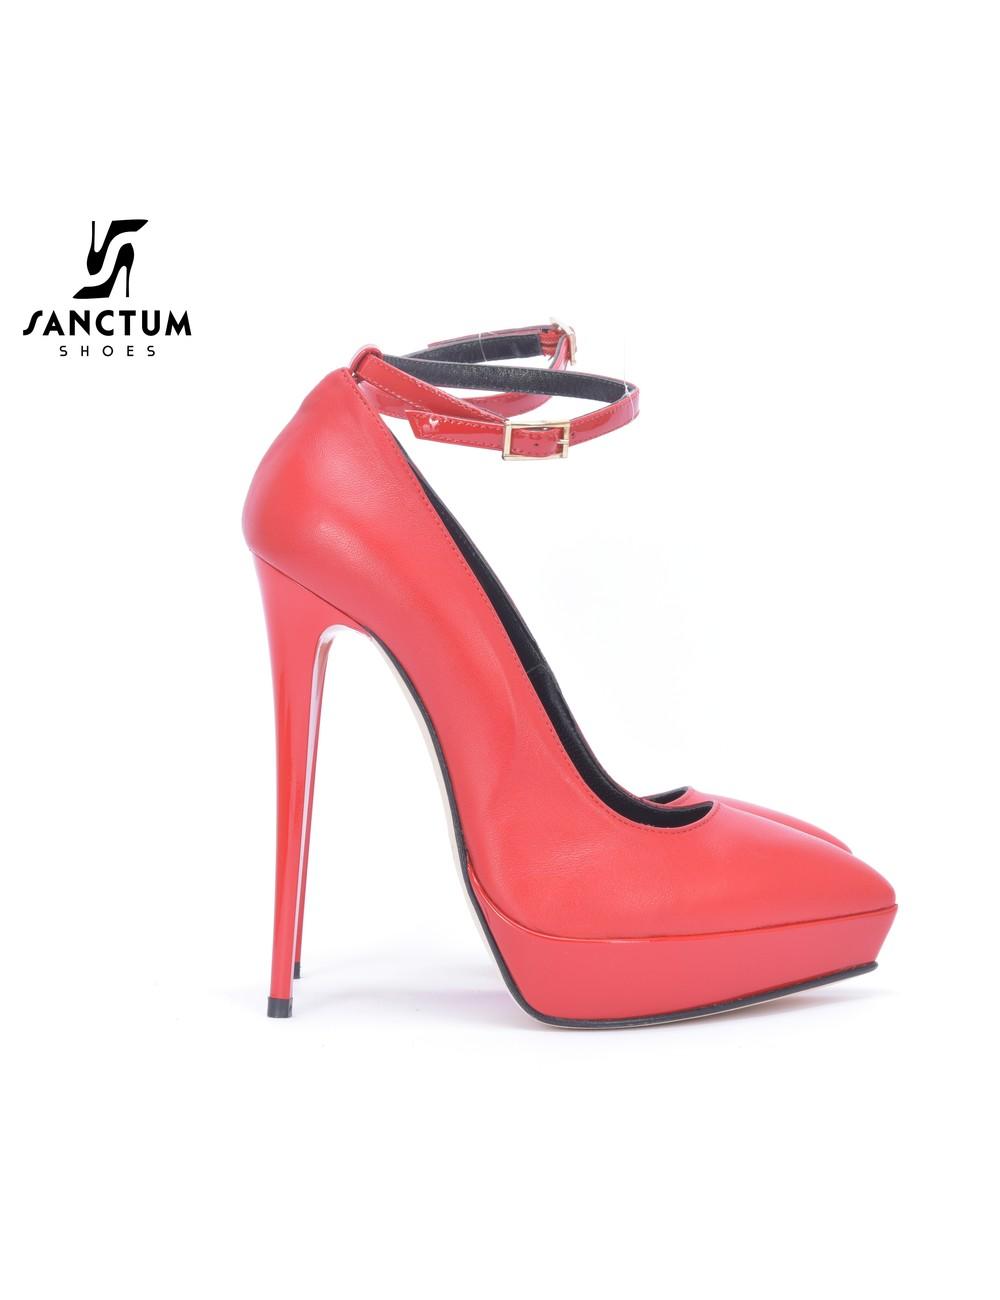 Sanctum  Sanctum Italian pumps in patent and matte leather pumps outlet